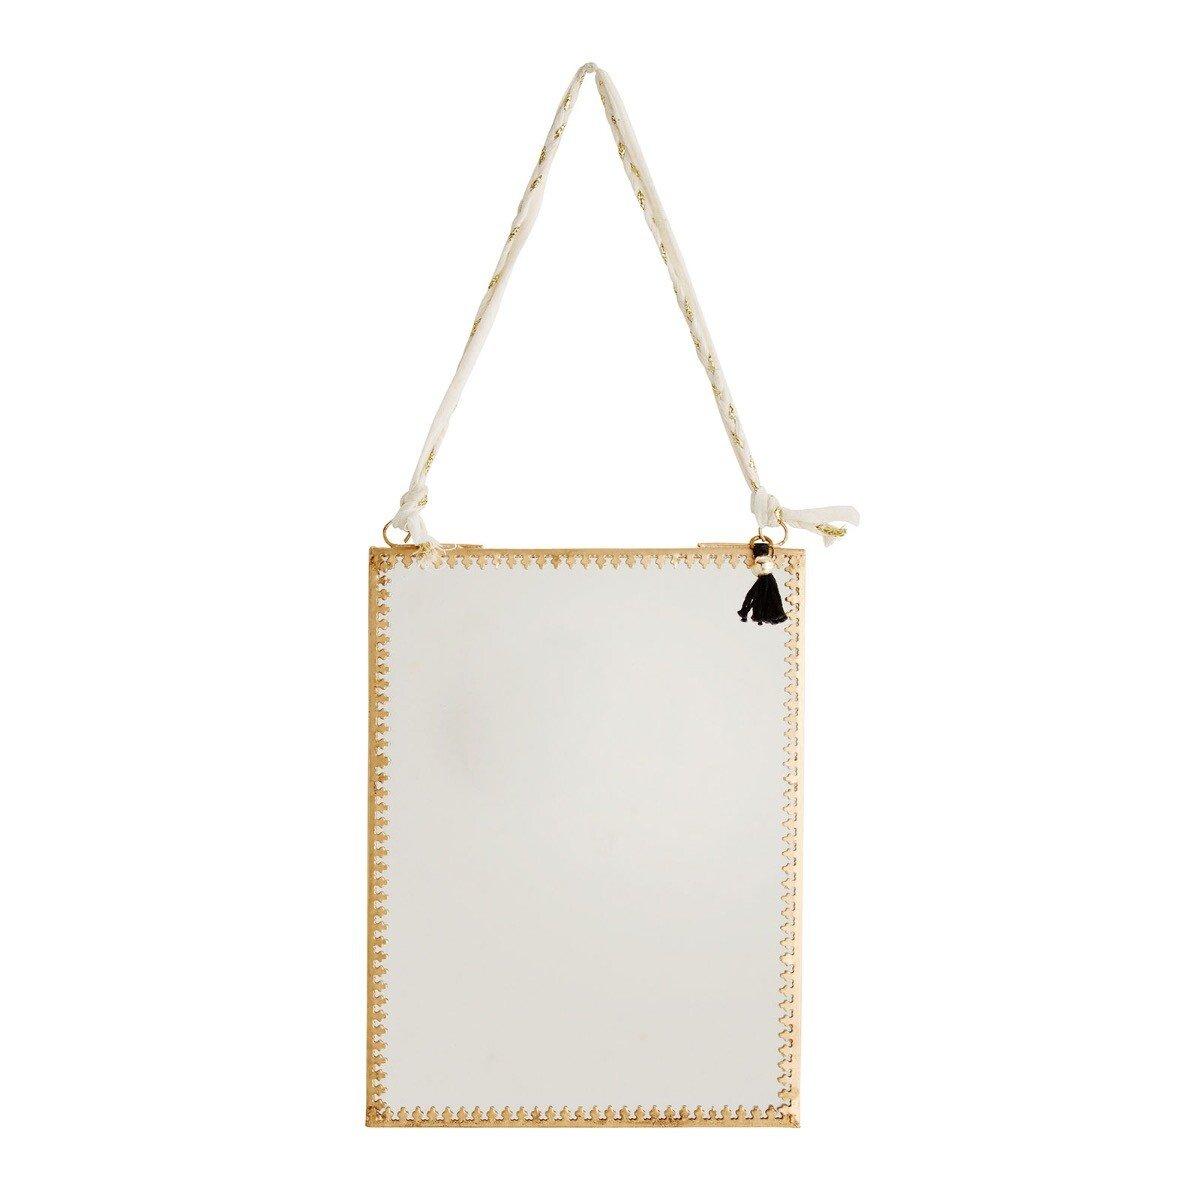 Madam Stoltz spiegel hangend ijzer goud 20 x 15